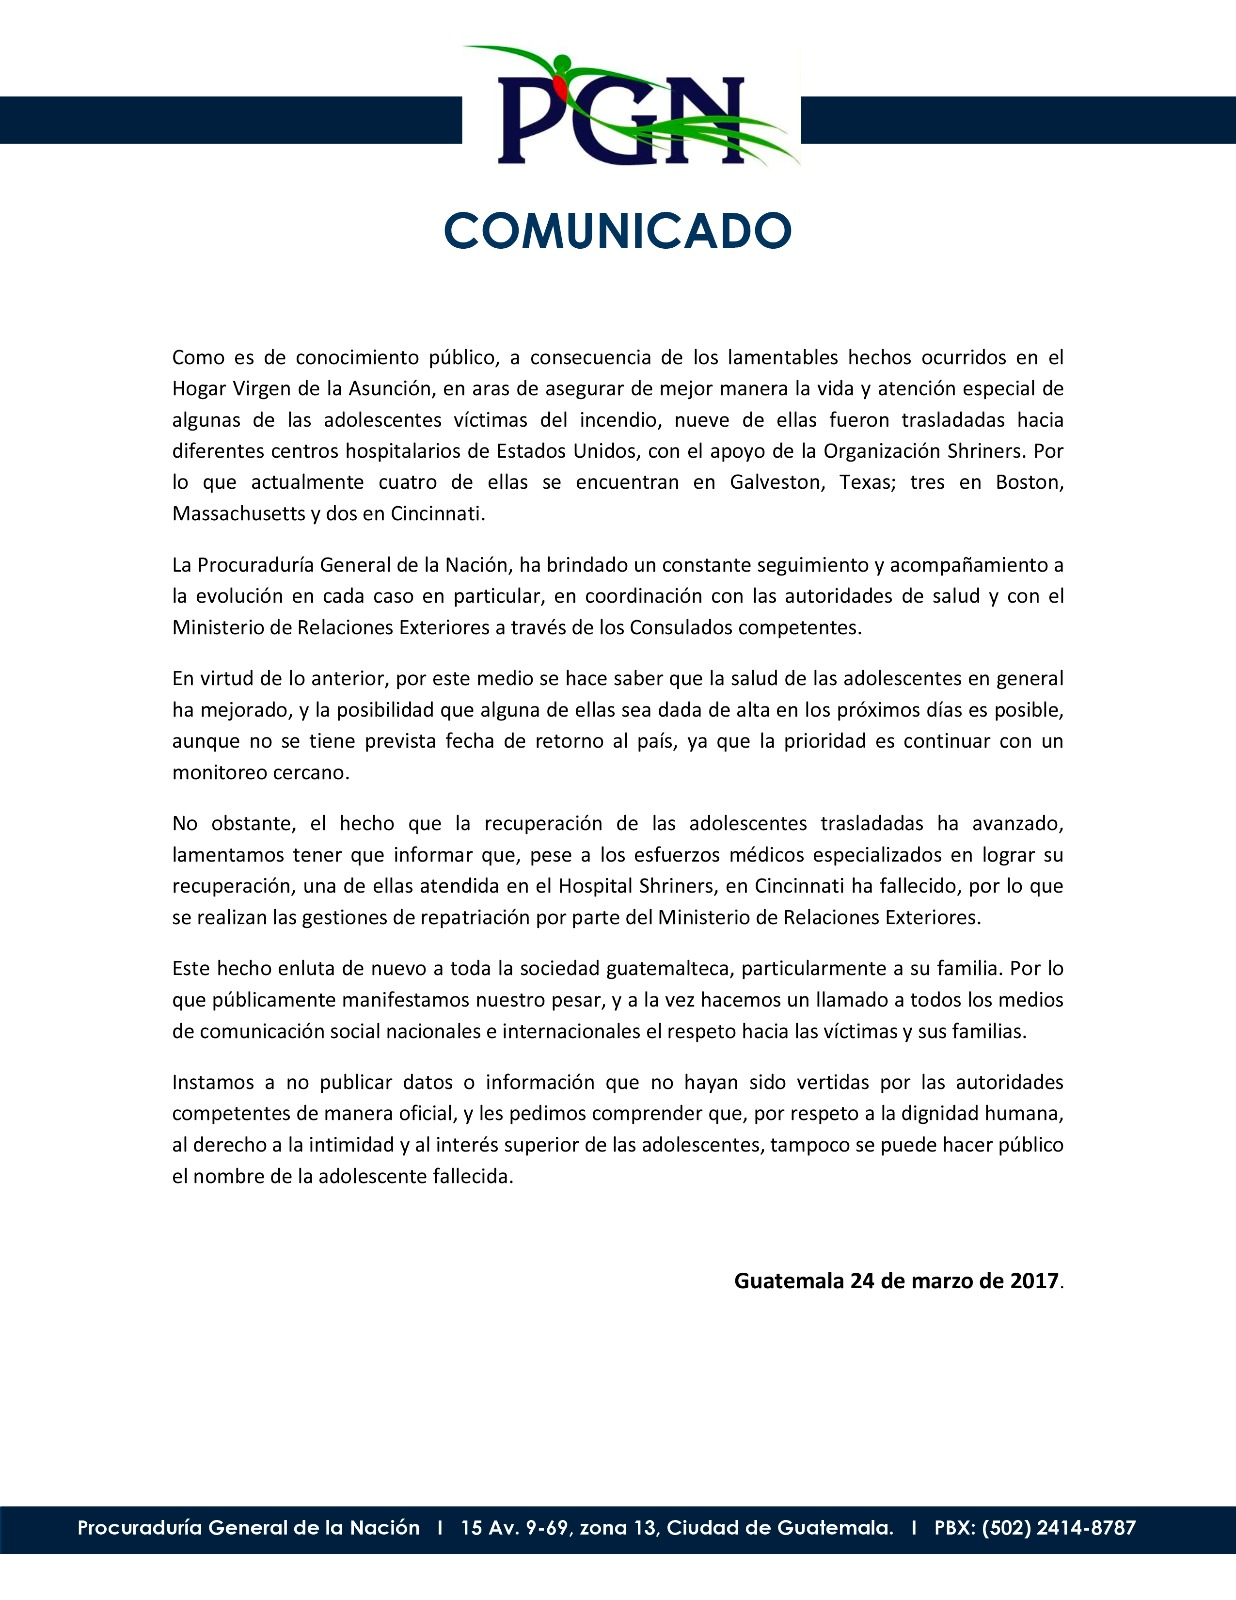 Aumenta a 41 las menores fallecidas en albergue de Guatemala